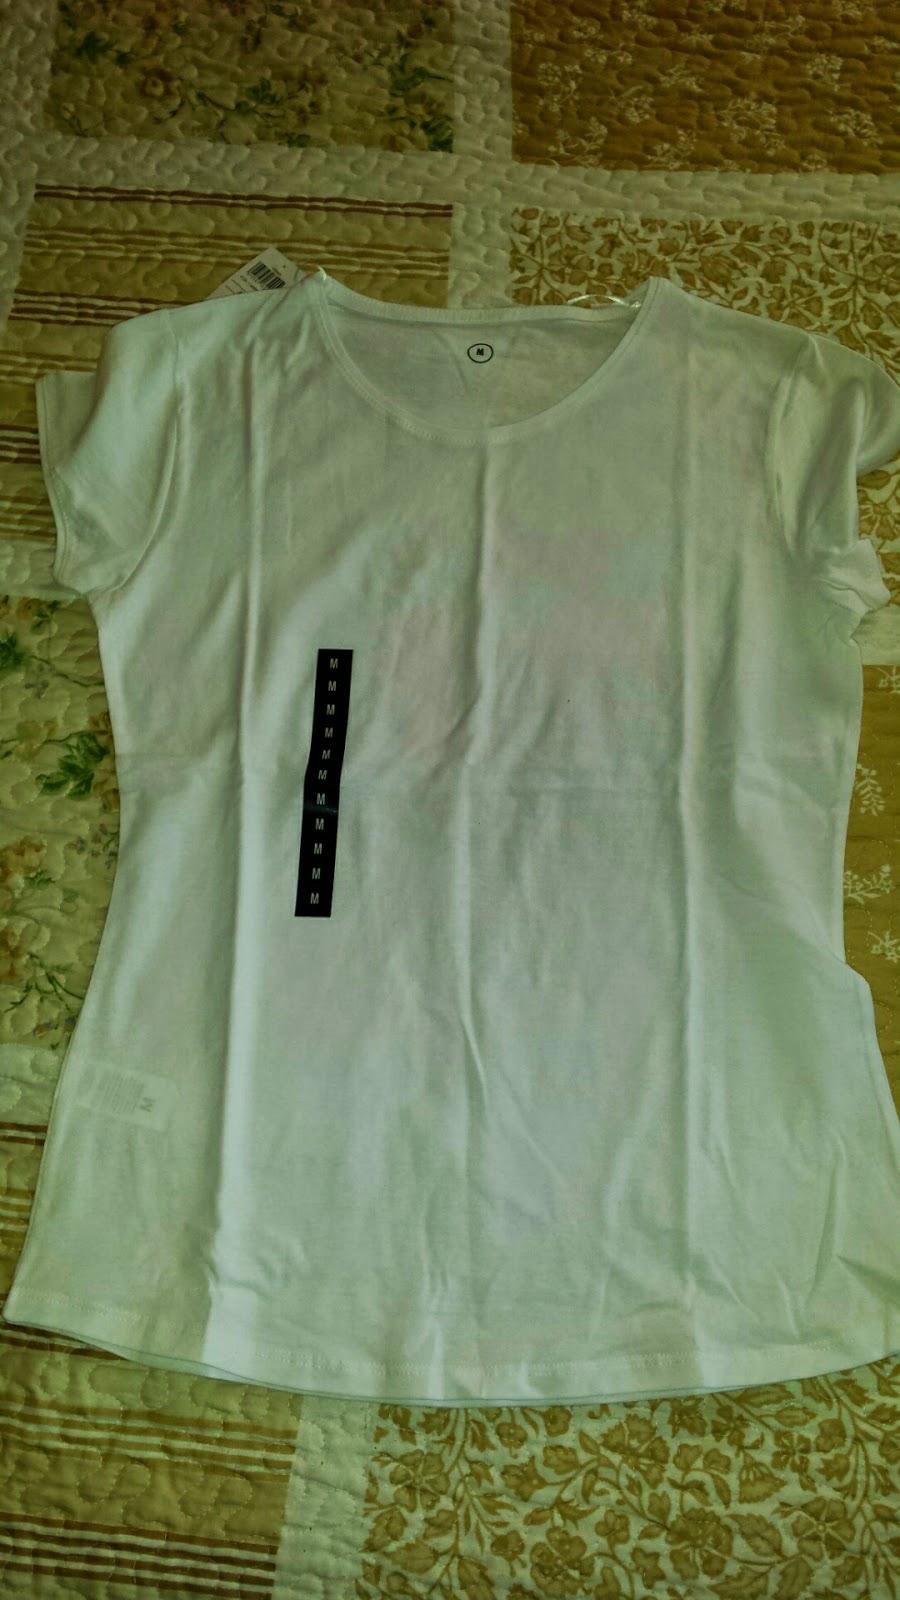 Esta es la camiseta que yo legí. Me gustan las camisetas blancas para el  verano. Son las que después se ponen más